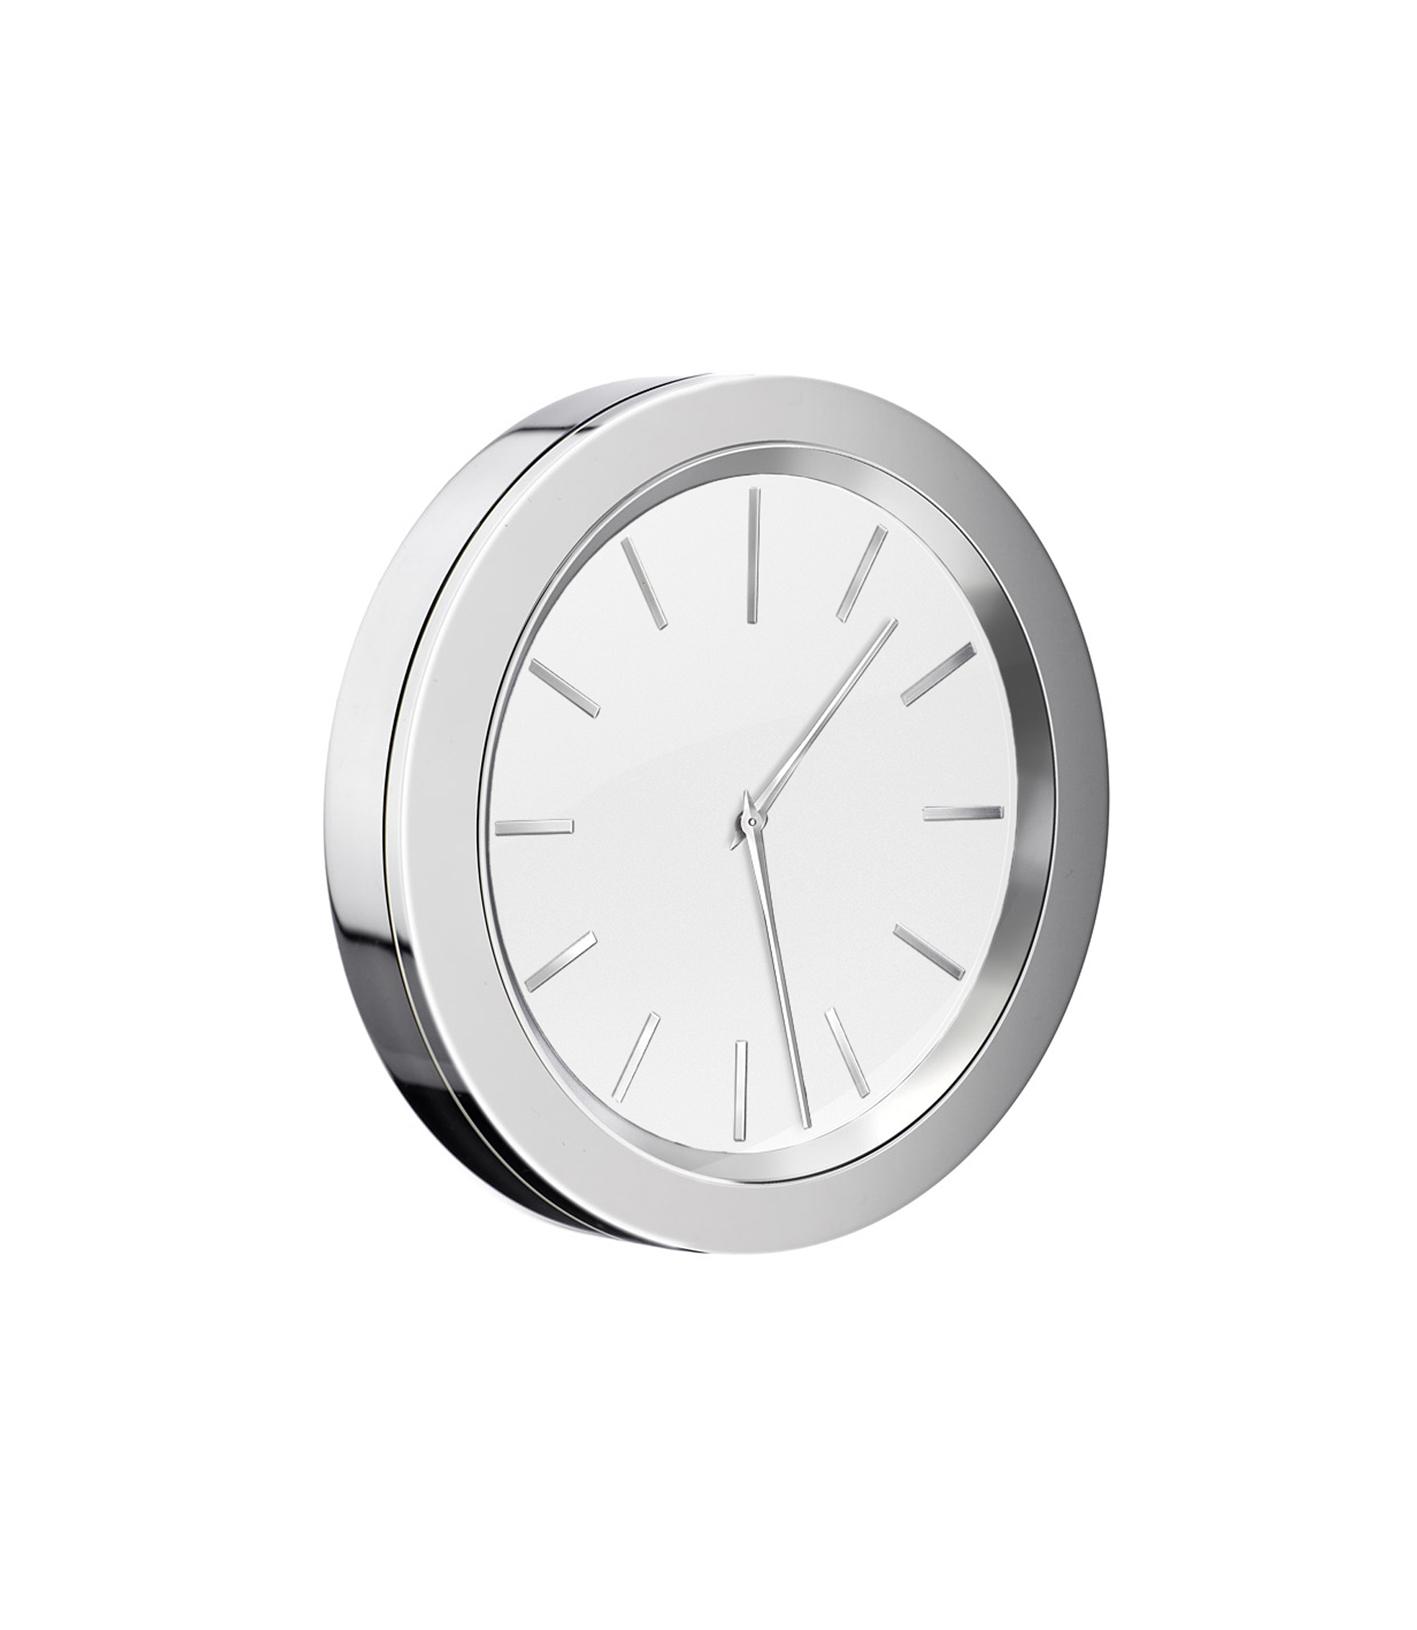 Details zu SMEDBO TIME glänzend Badezimmer-Uhr selbstklebend Bad-Wanduhr  weiß chrom YX11